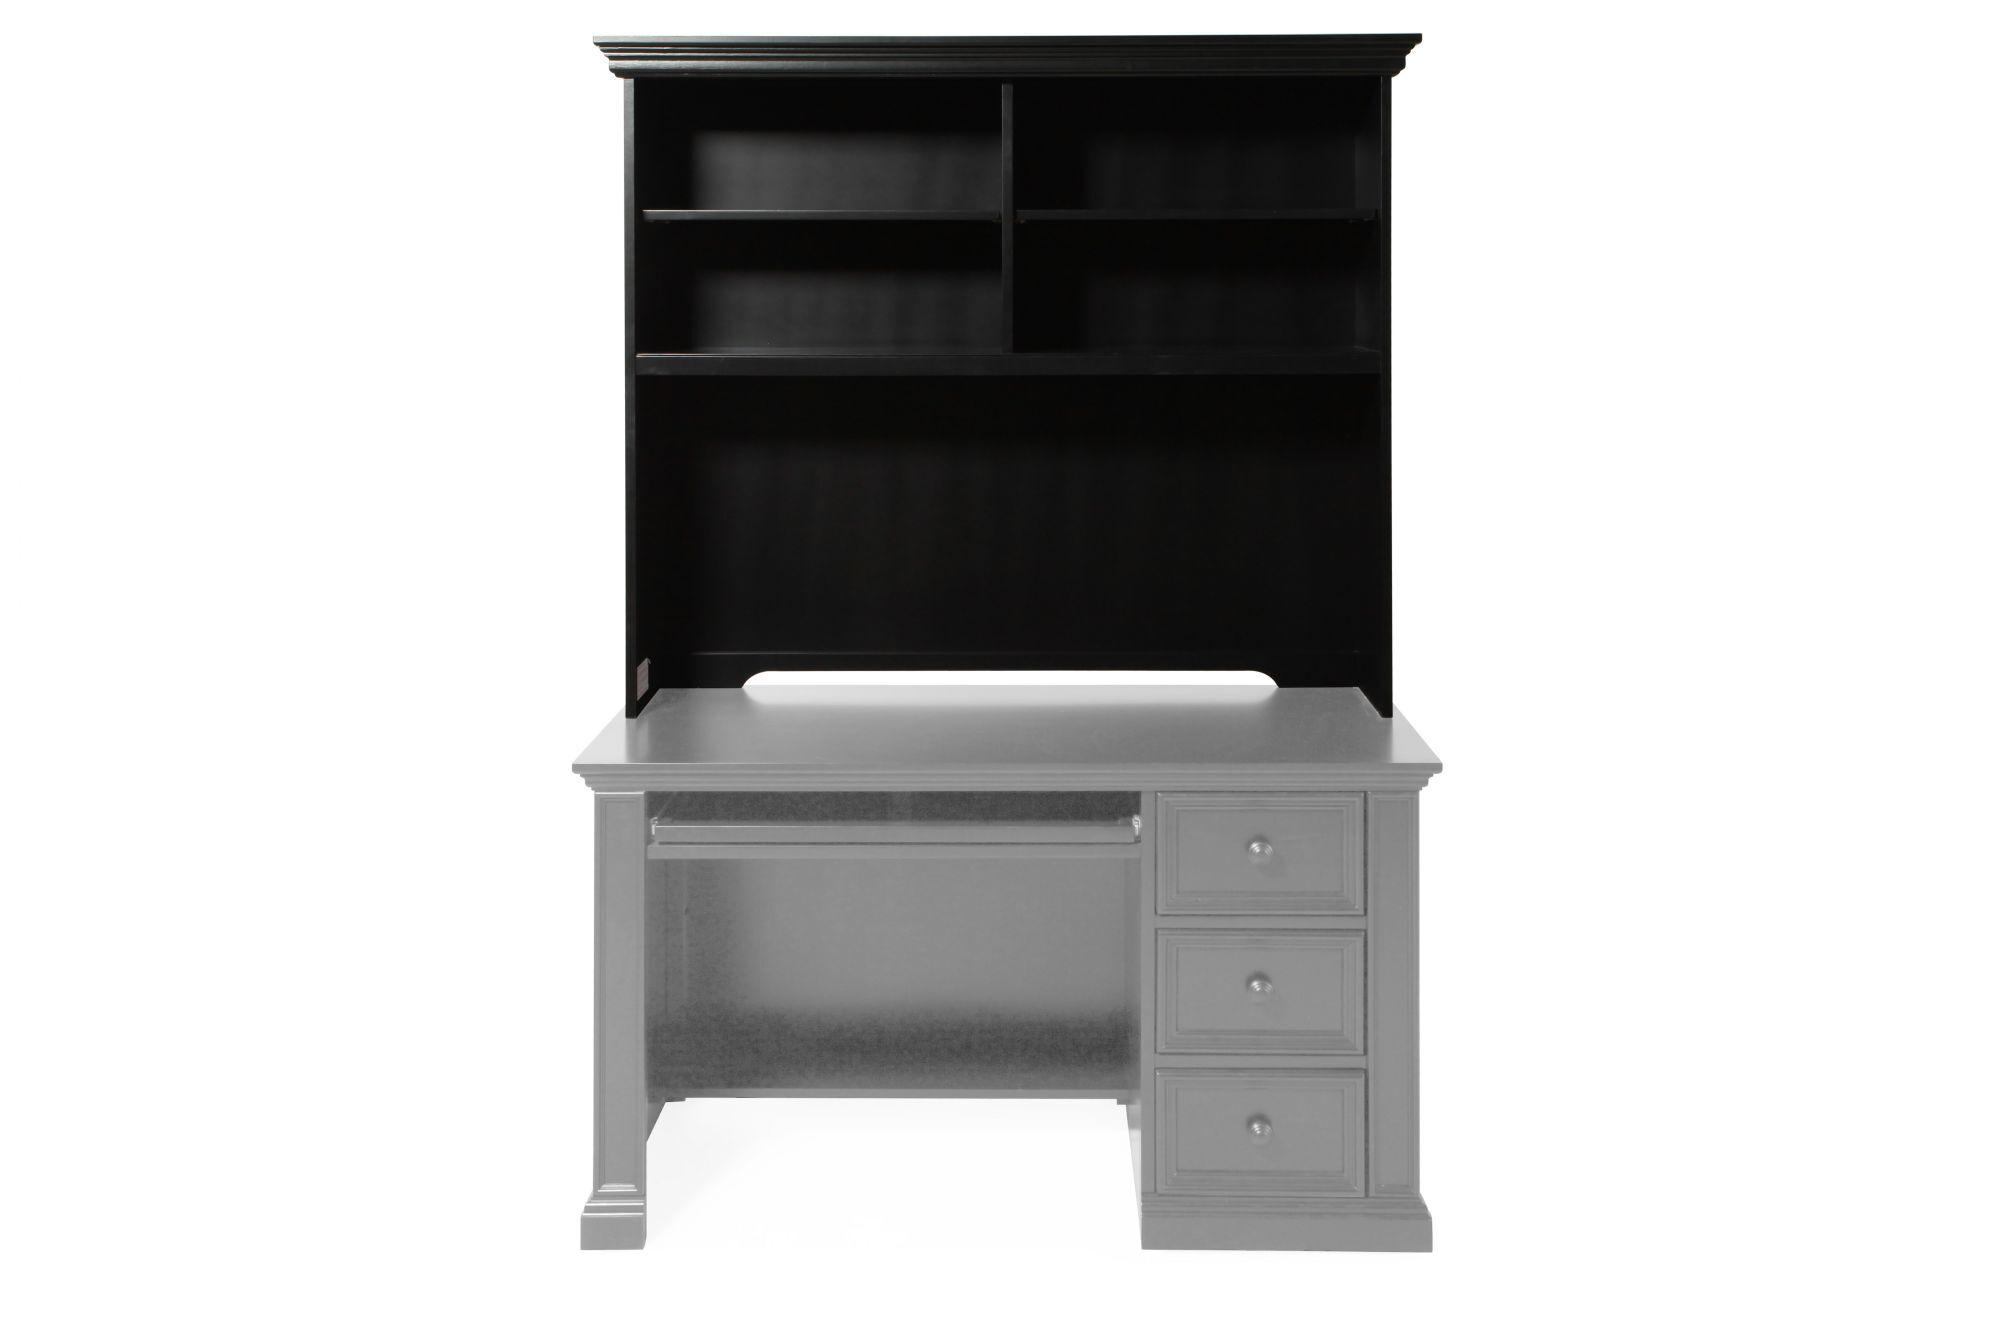 Four Shelf Casual Youth Desk Hutch Nbsp In Matte